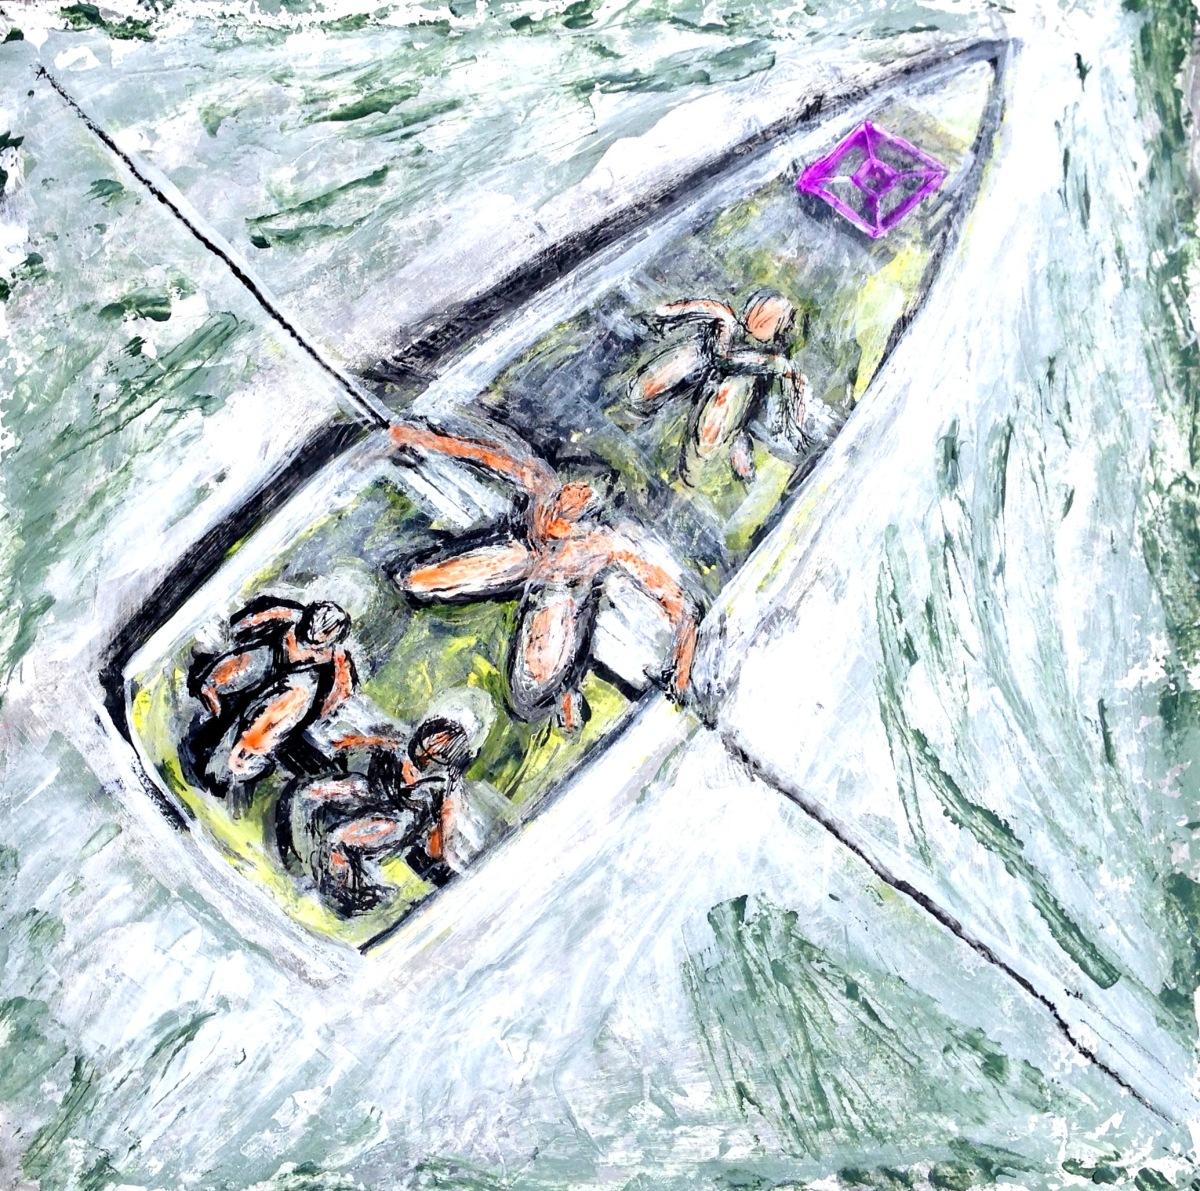 André Clouâtre, Dernier voyage, Encre, gesso et aquarelle sur papier, 36 x 36 cm, 2014